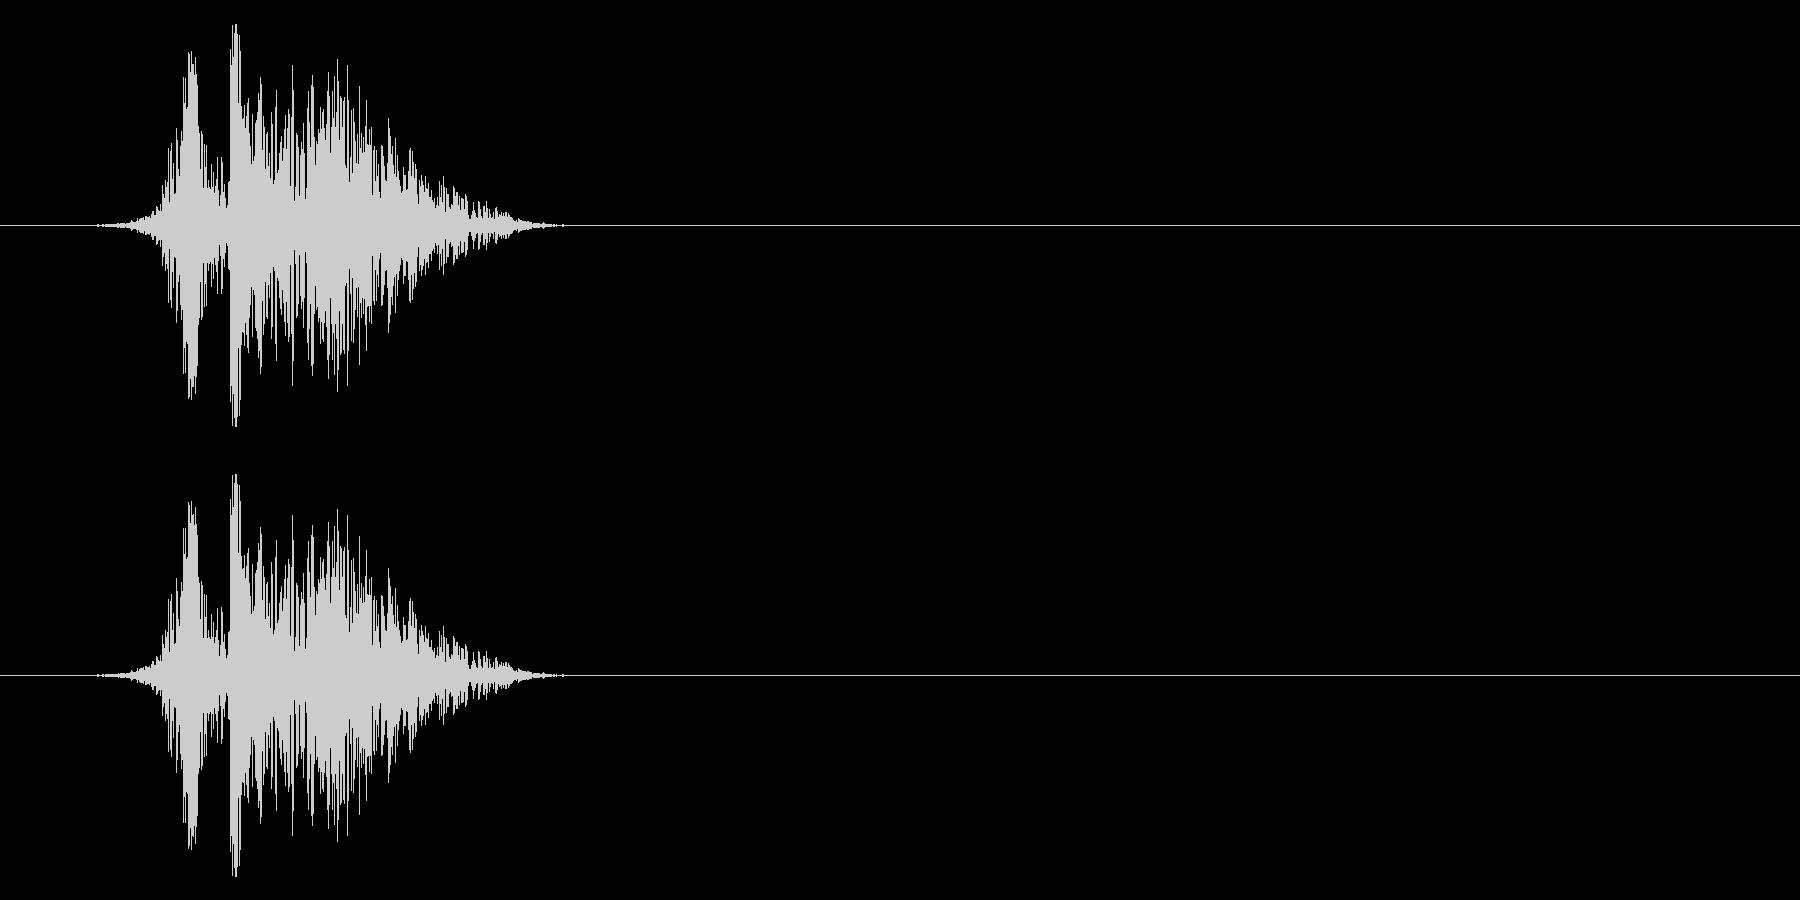 打撃09-3の未再生の波形